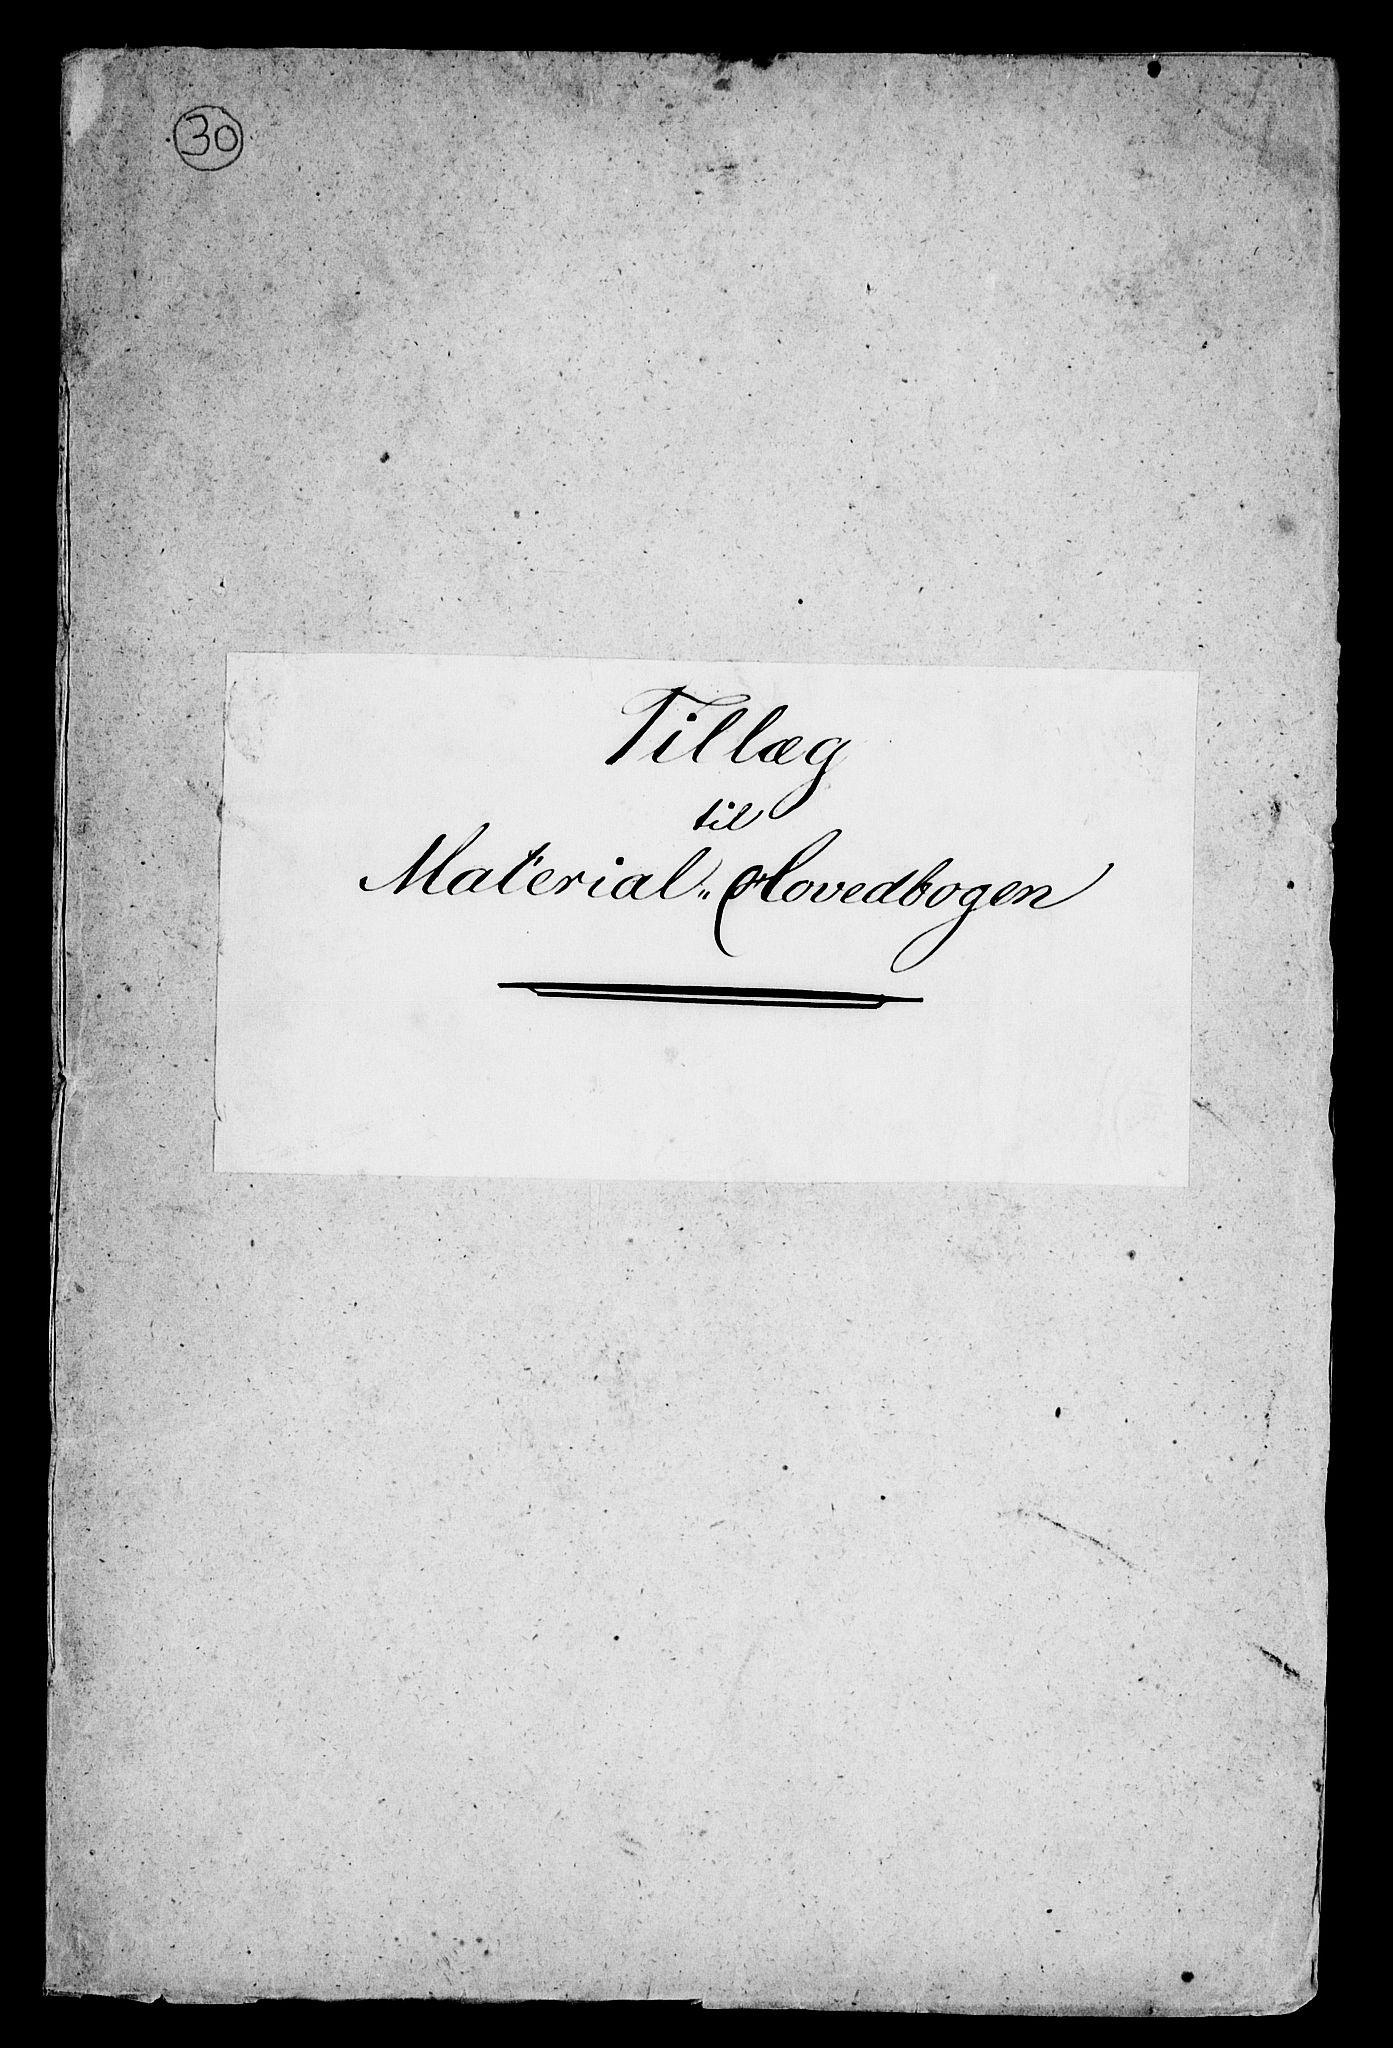 RA, Modums Blaafarveværk, G/Gd/Gdb/L0193: Tillæg til Material-Hovedbog, 1849, s. 2